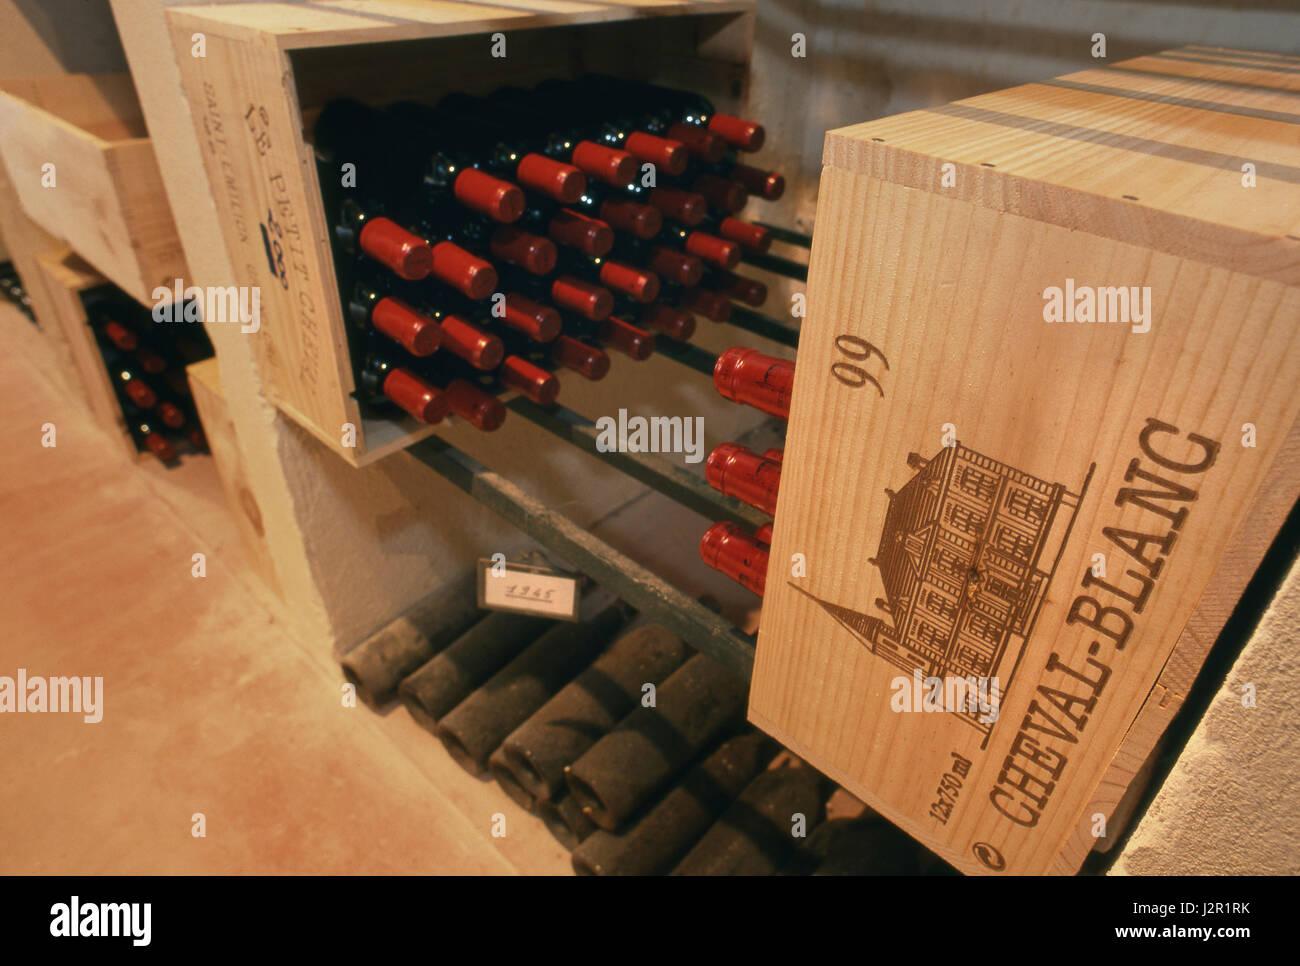 Feine Luxus sehr teuren Wein Flaschen Château Cheval Blanc, einige datiert 1945, Altern in den Schlosskeller. Stockbild